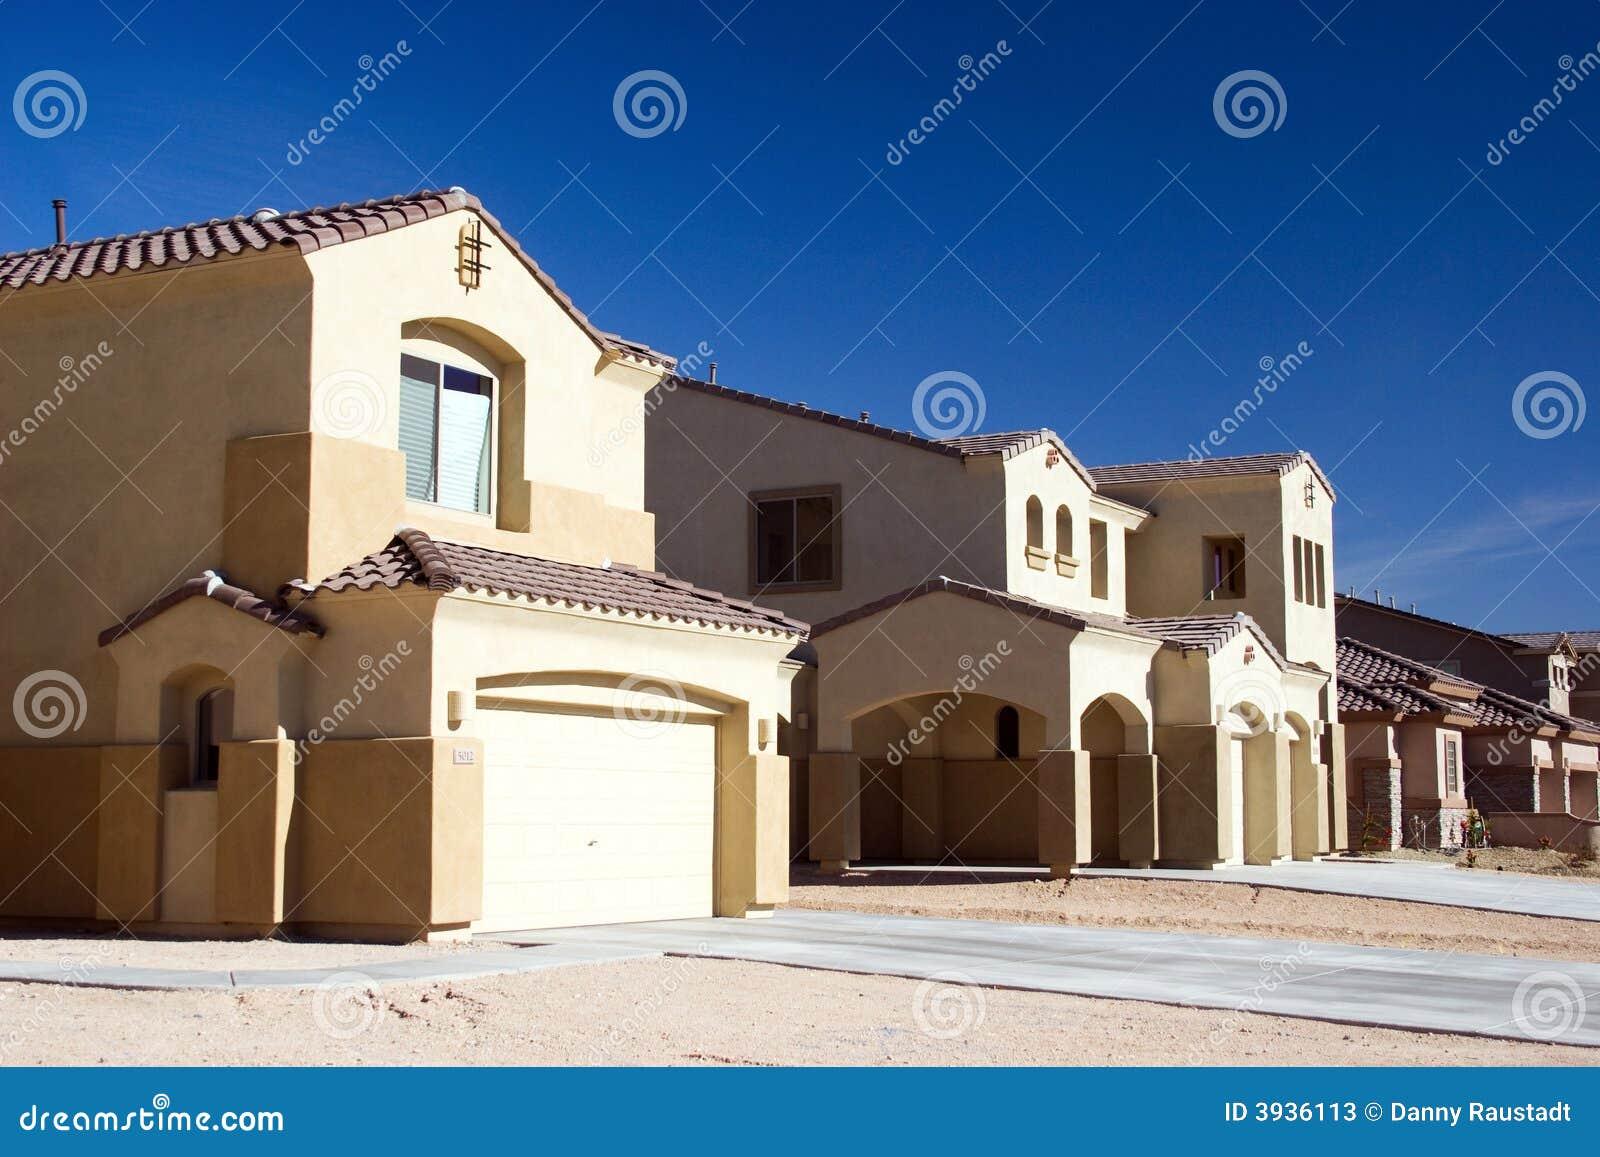 Case moderne nel deserto immagine stock immagine di - Immagini case moderne ...